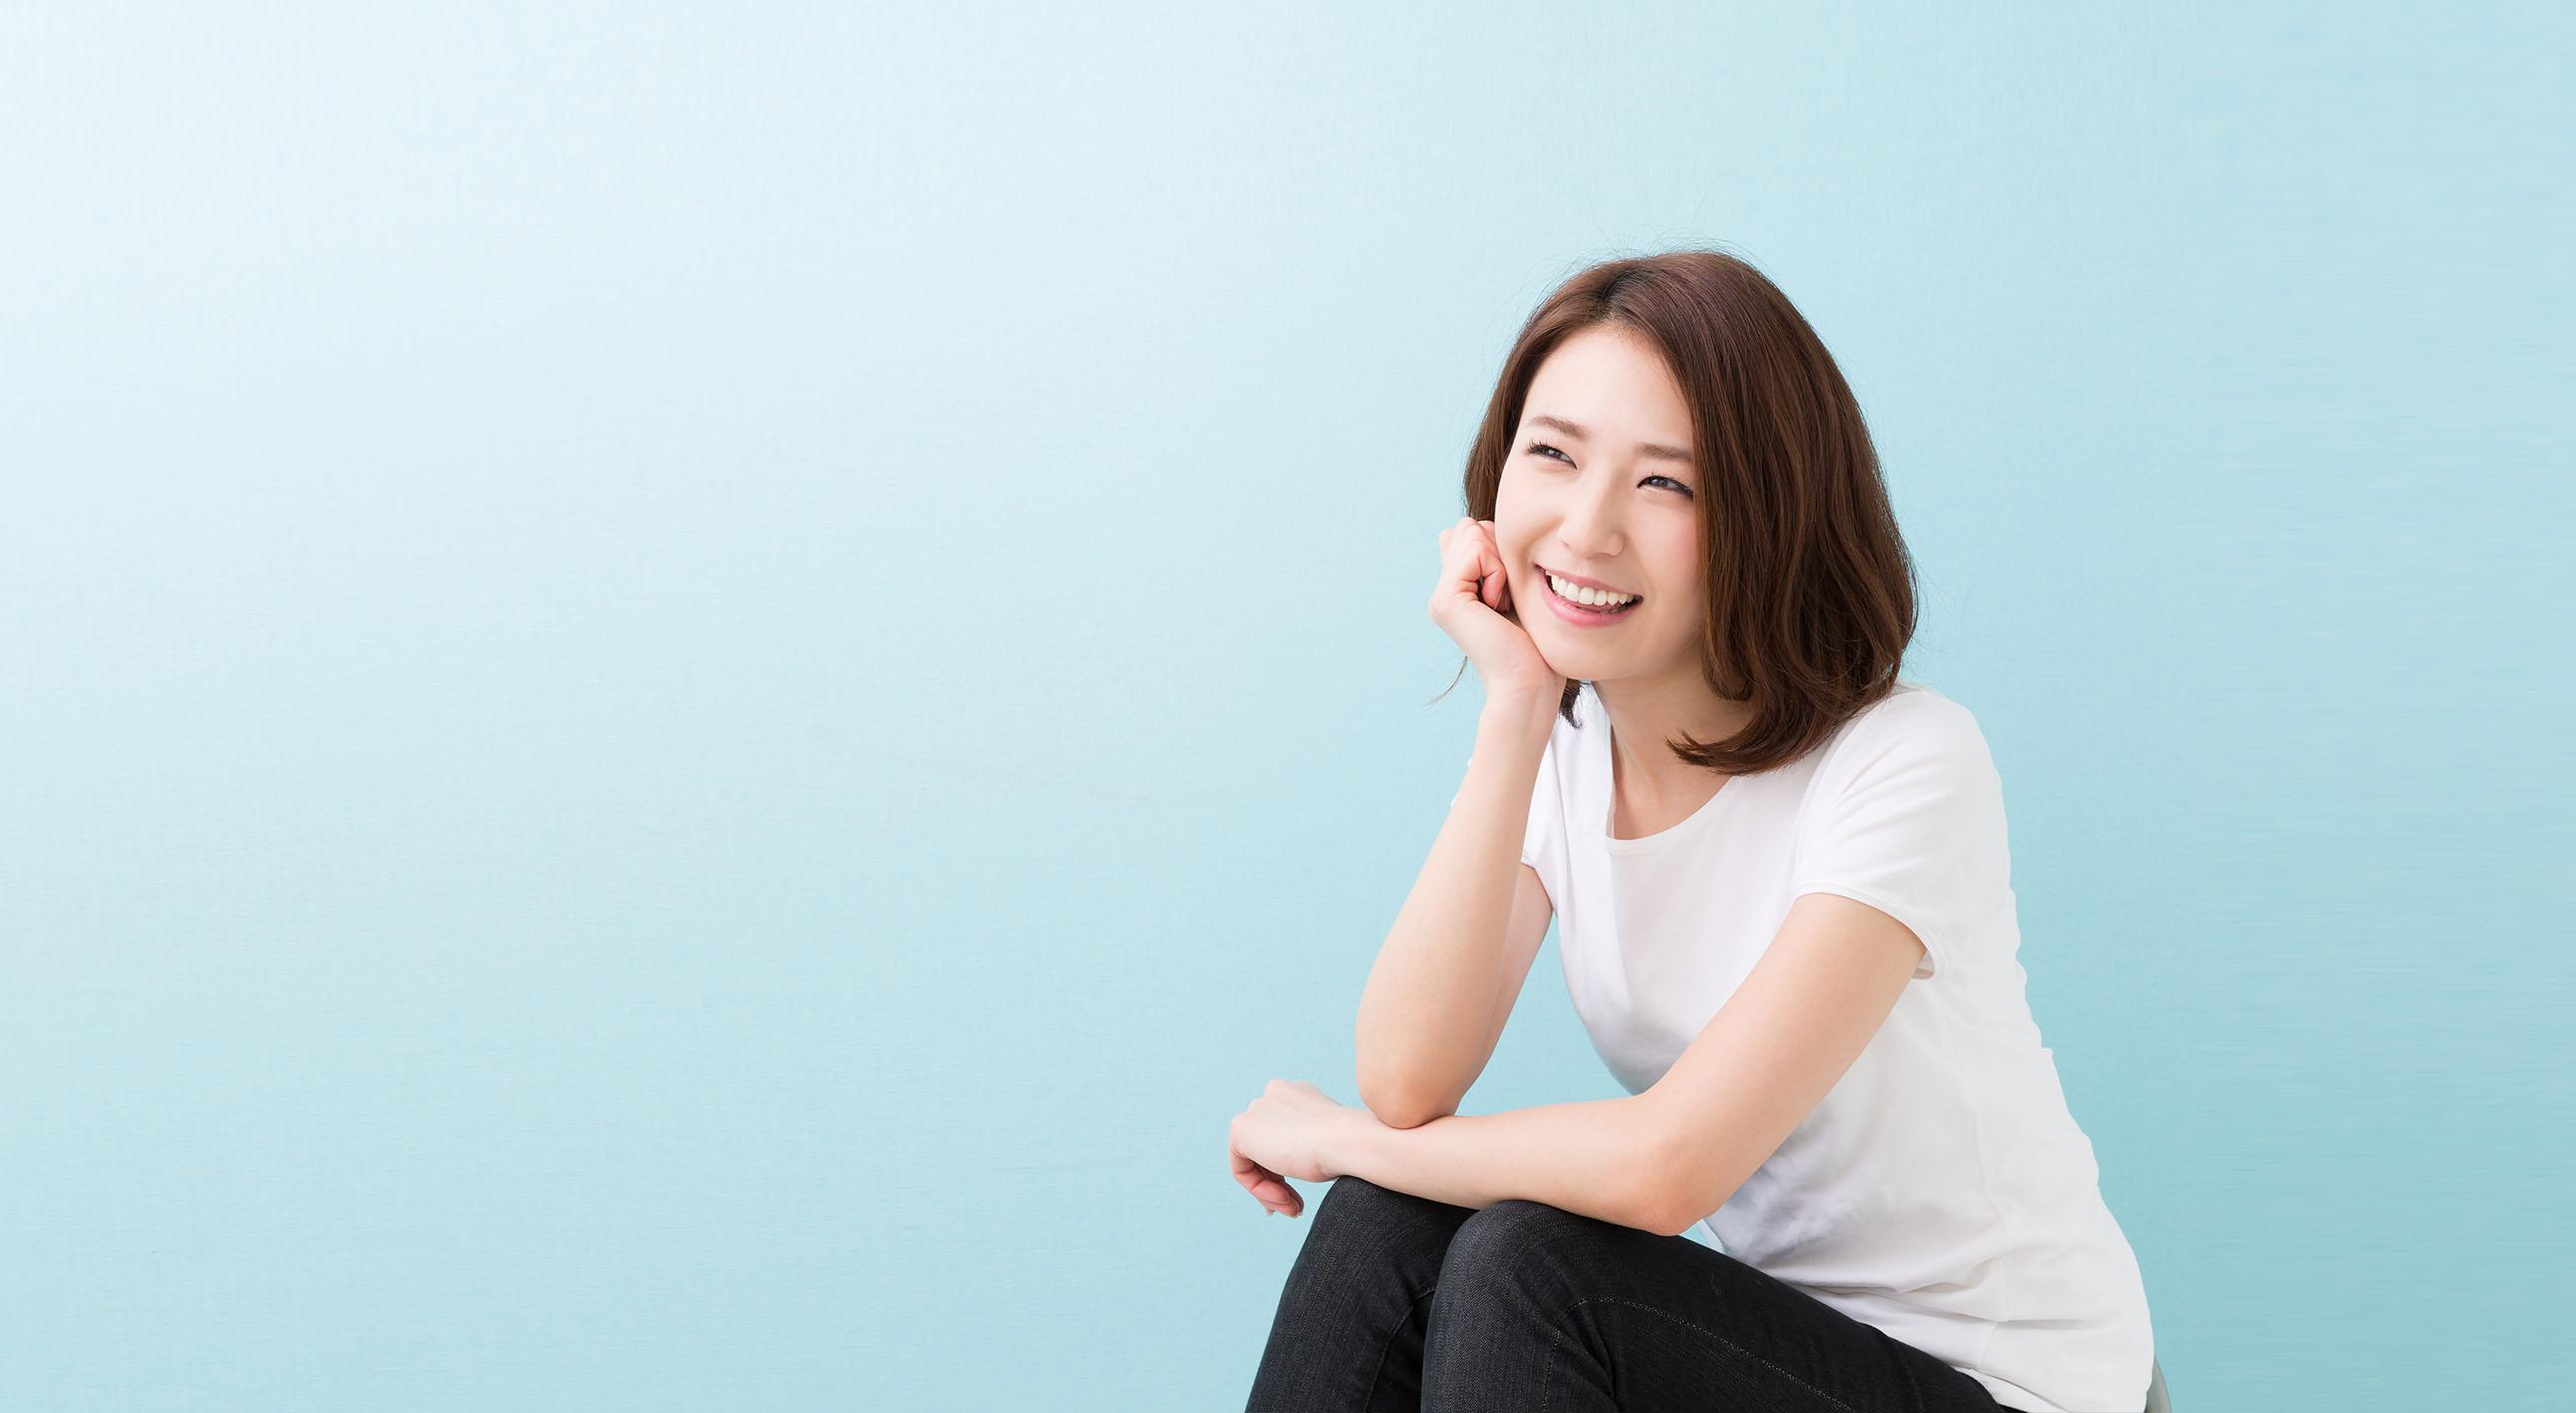 건강과 아름다움을 추구하는 경희 여성 한의원